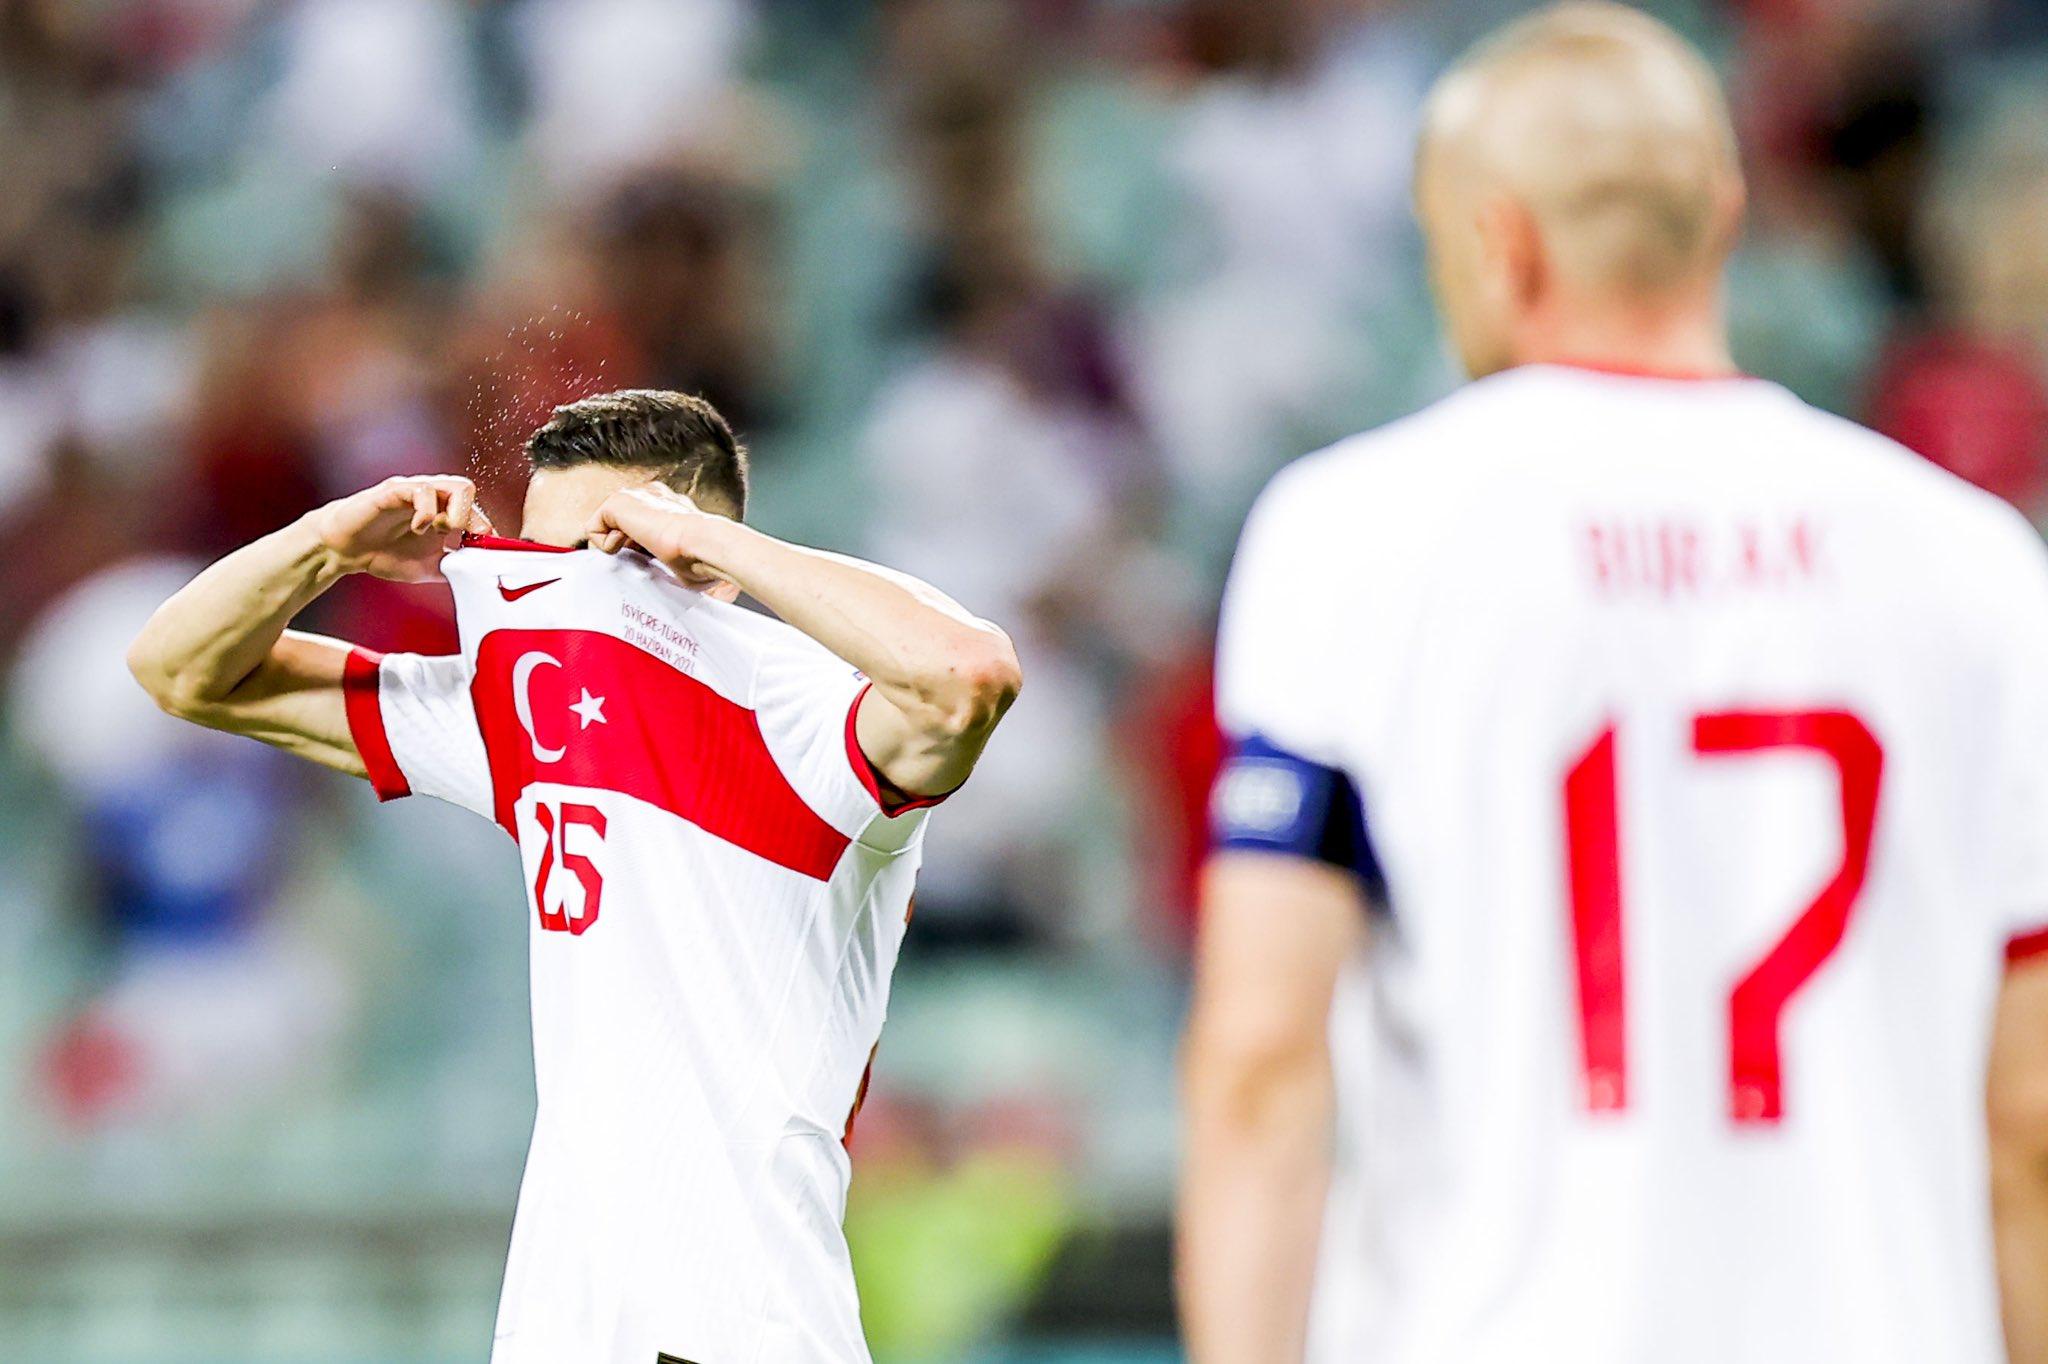 """""""شاهد"""" منتخب سويسرا يقصي تركيا من منافسات اليورو بعد هزيمة مدوية"""